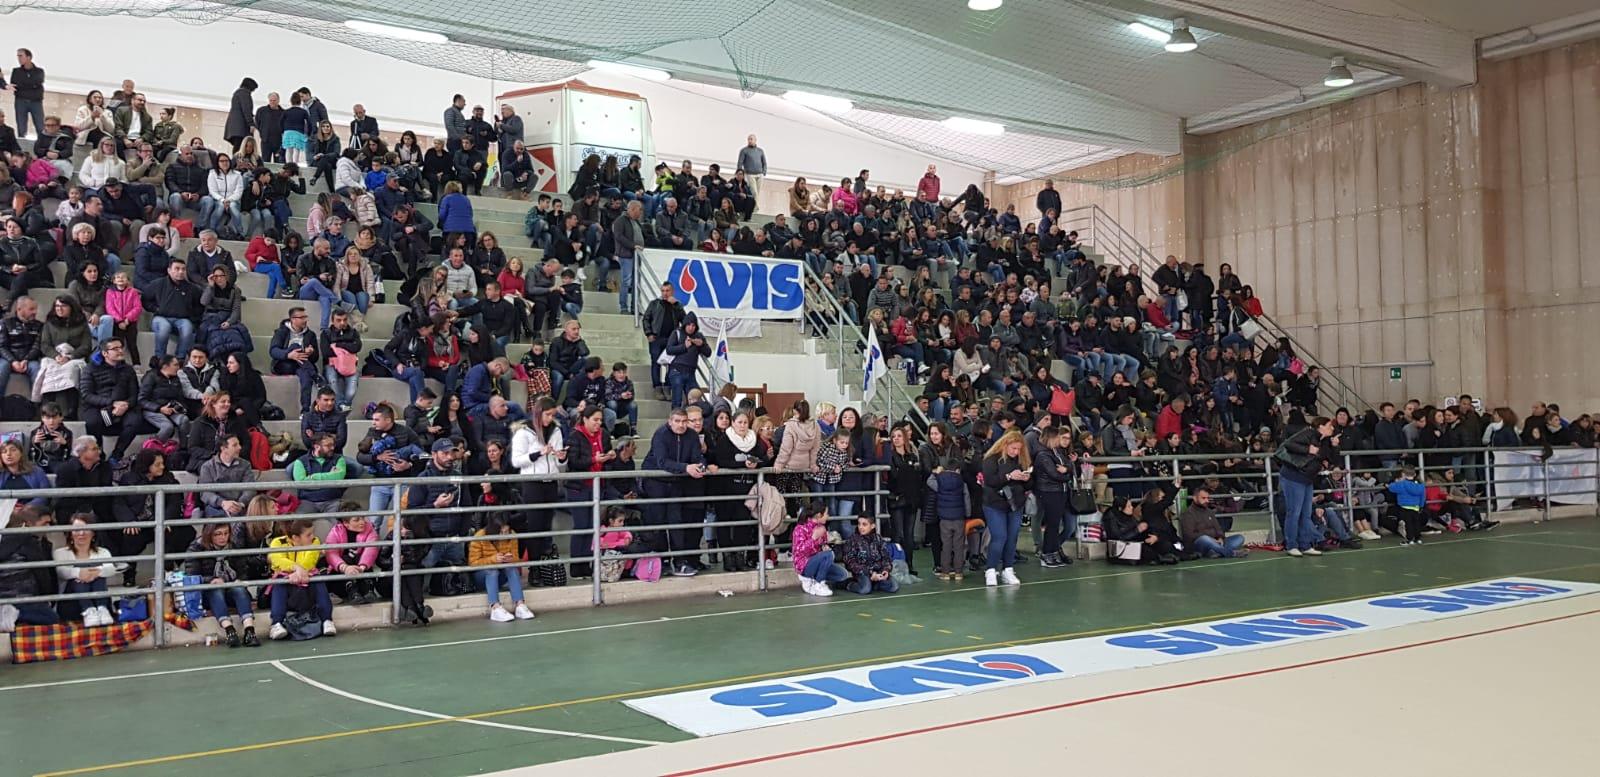 1° Trofeo AVIS, le foto del Campionato Provinciale di Ginnastica Ritmica